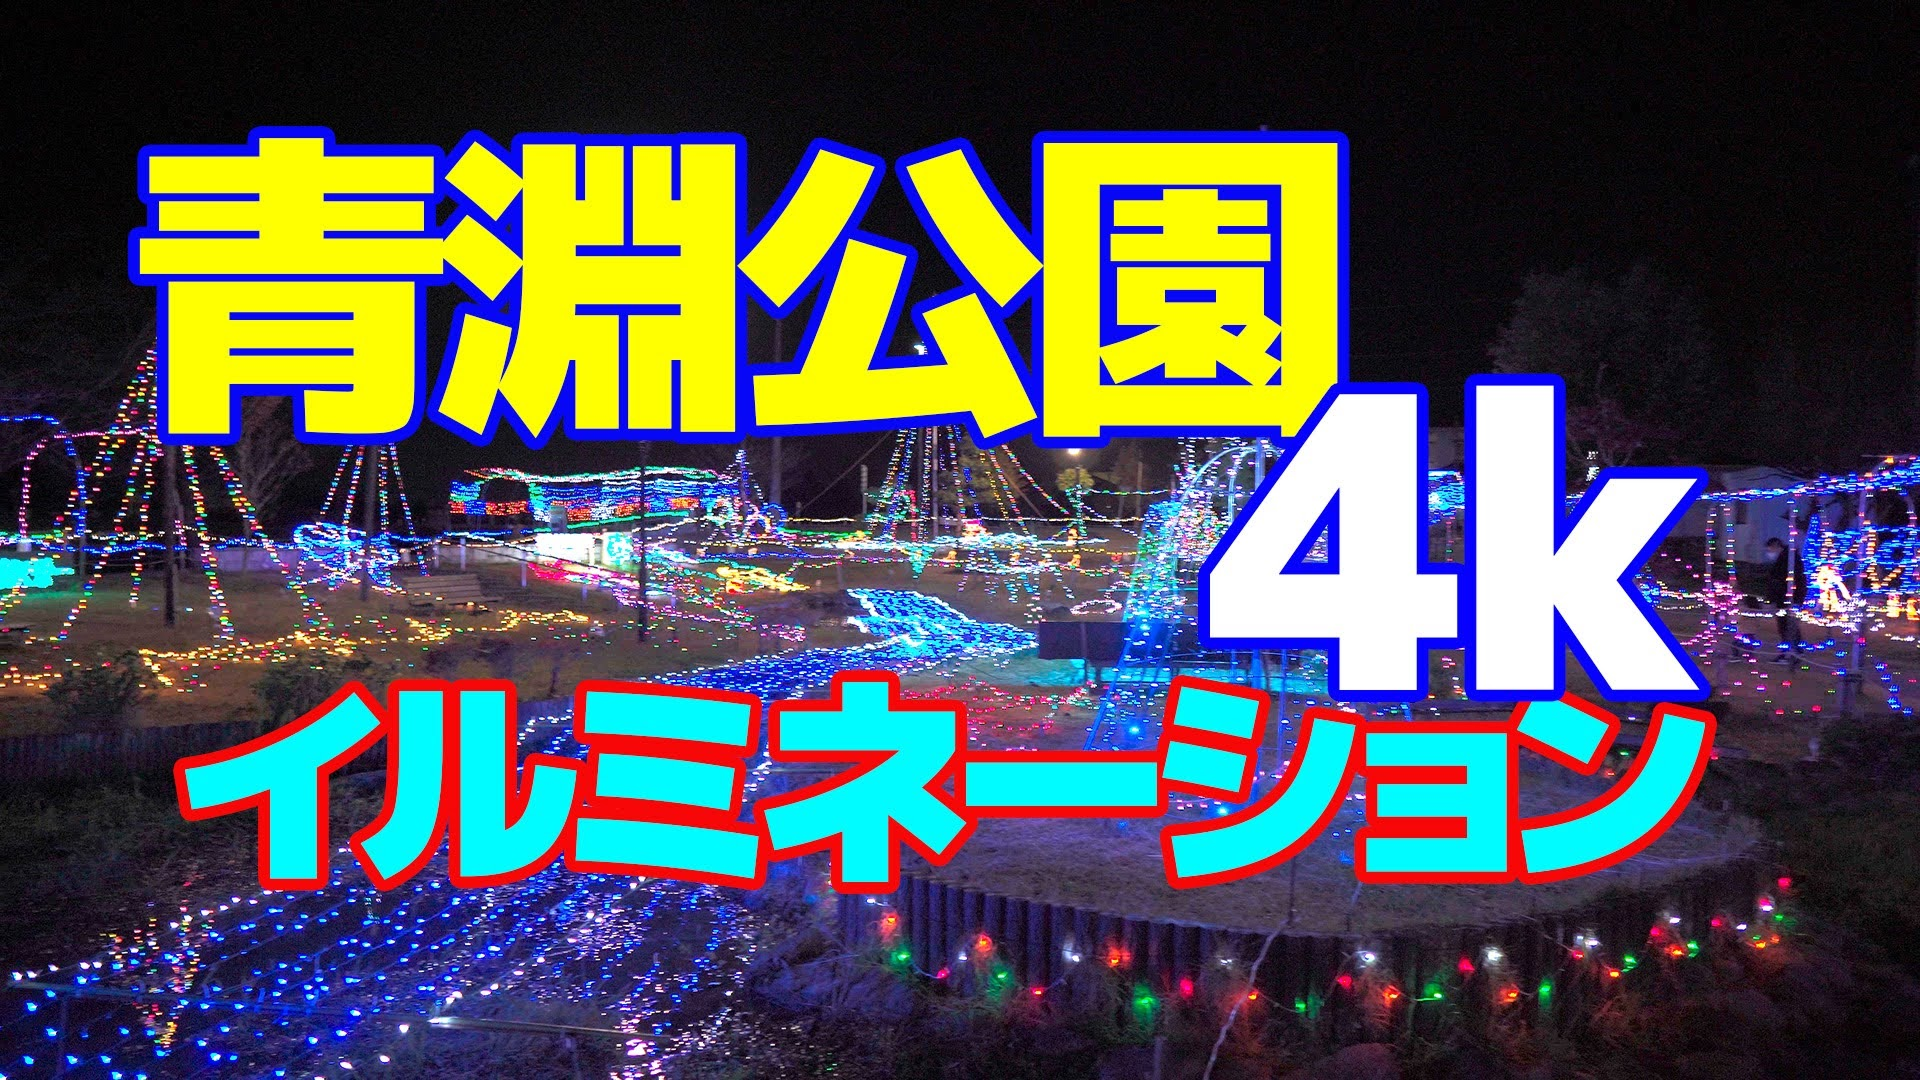 【イルミネーション】青淵公園 (せいえんこうえん)【4K】(SIGMA 16mm F1.4)Illumination